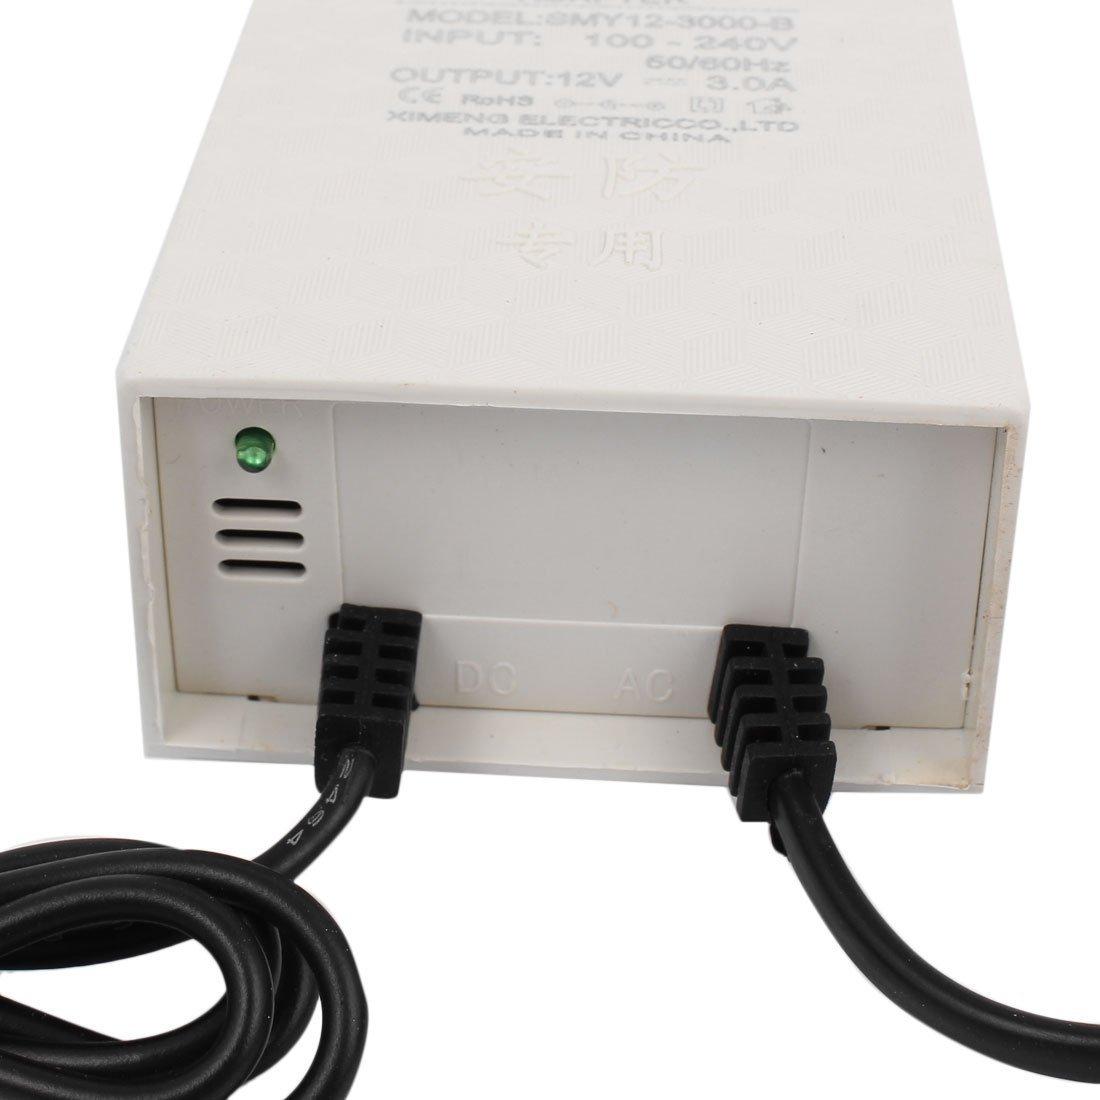 eDealMax 100-240V di monitoraggio Della sicurezza di alimentazione esterna impermeabile pioggia SMY12-3000-B